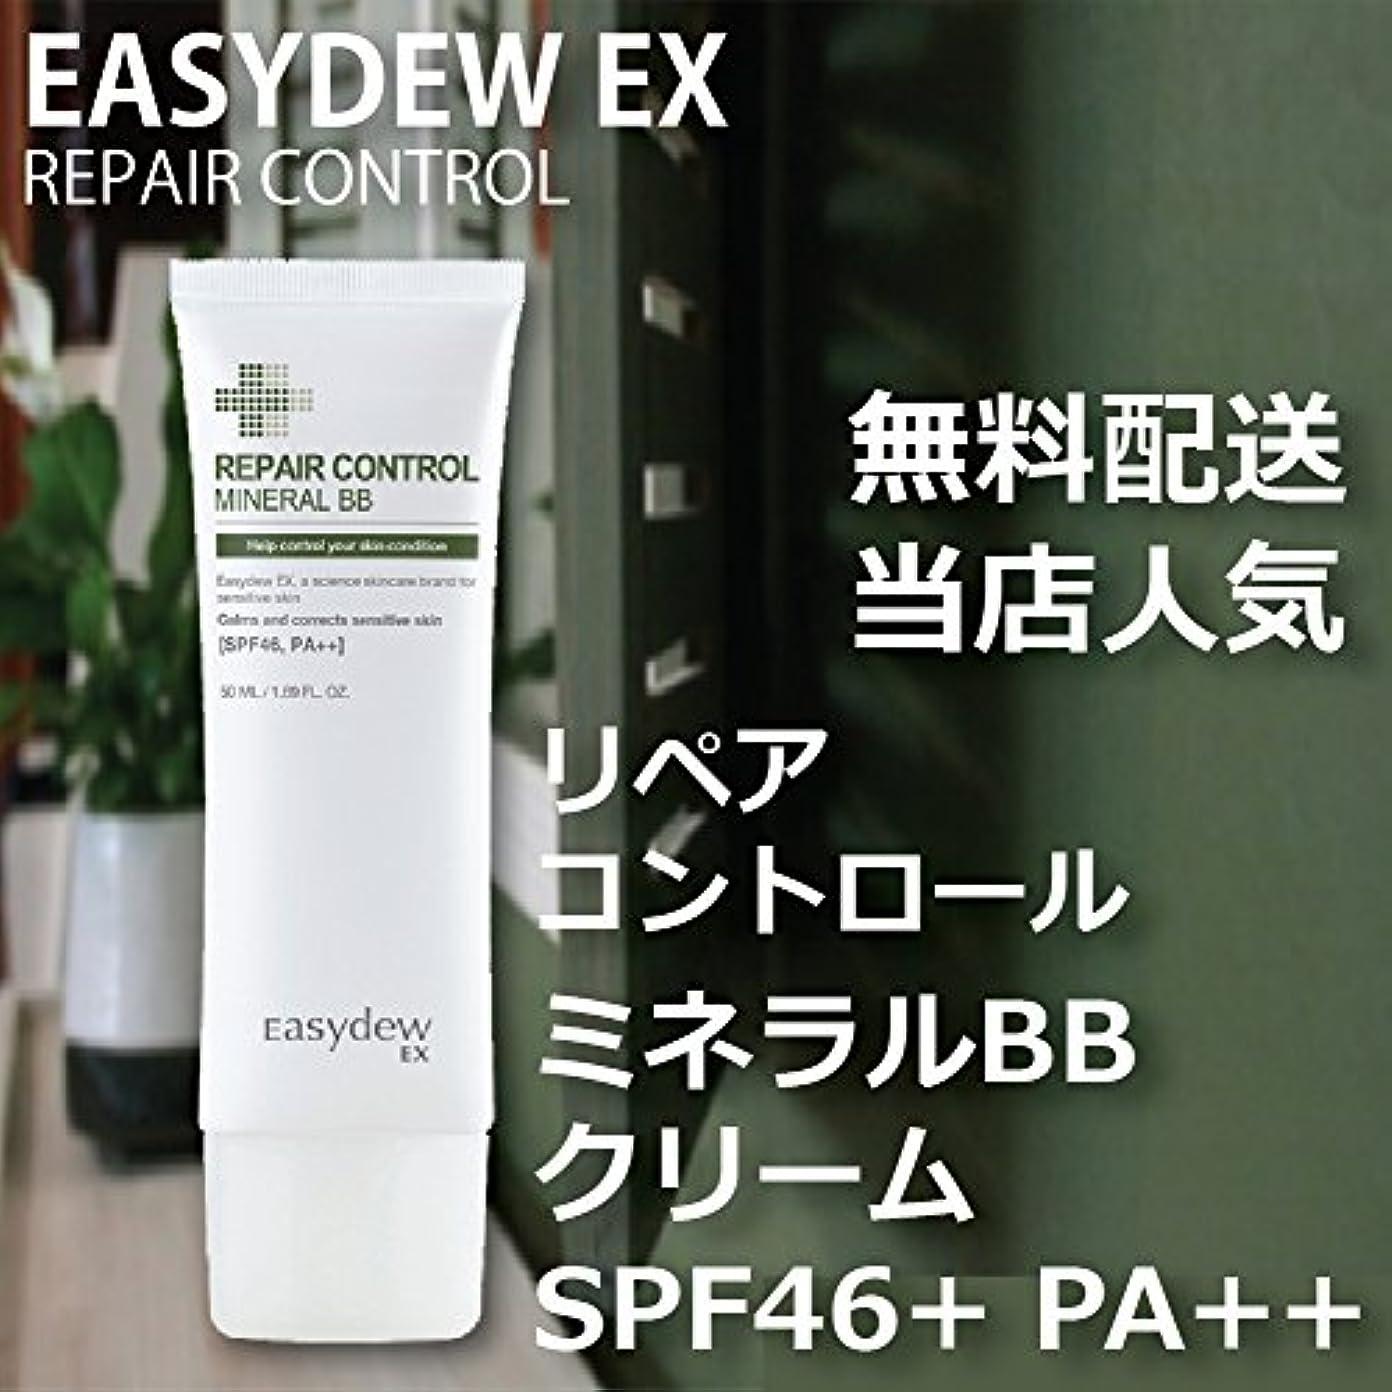 内側全部サービスEASY DEW EX ミネラル BBクリーム SPF46+ PA++ 50ml MINRAL BB CREAM 韓国 人気 コスメ イージーデュー 敏感 乾燥 美白 しわ 3重機能性